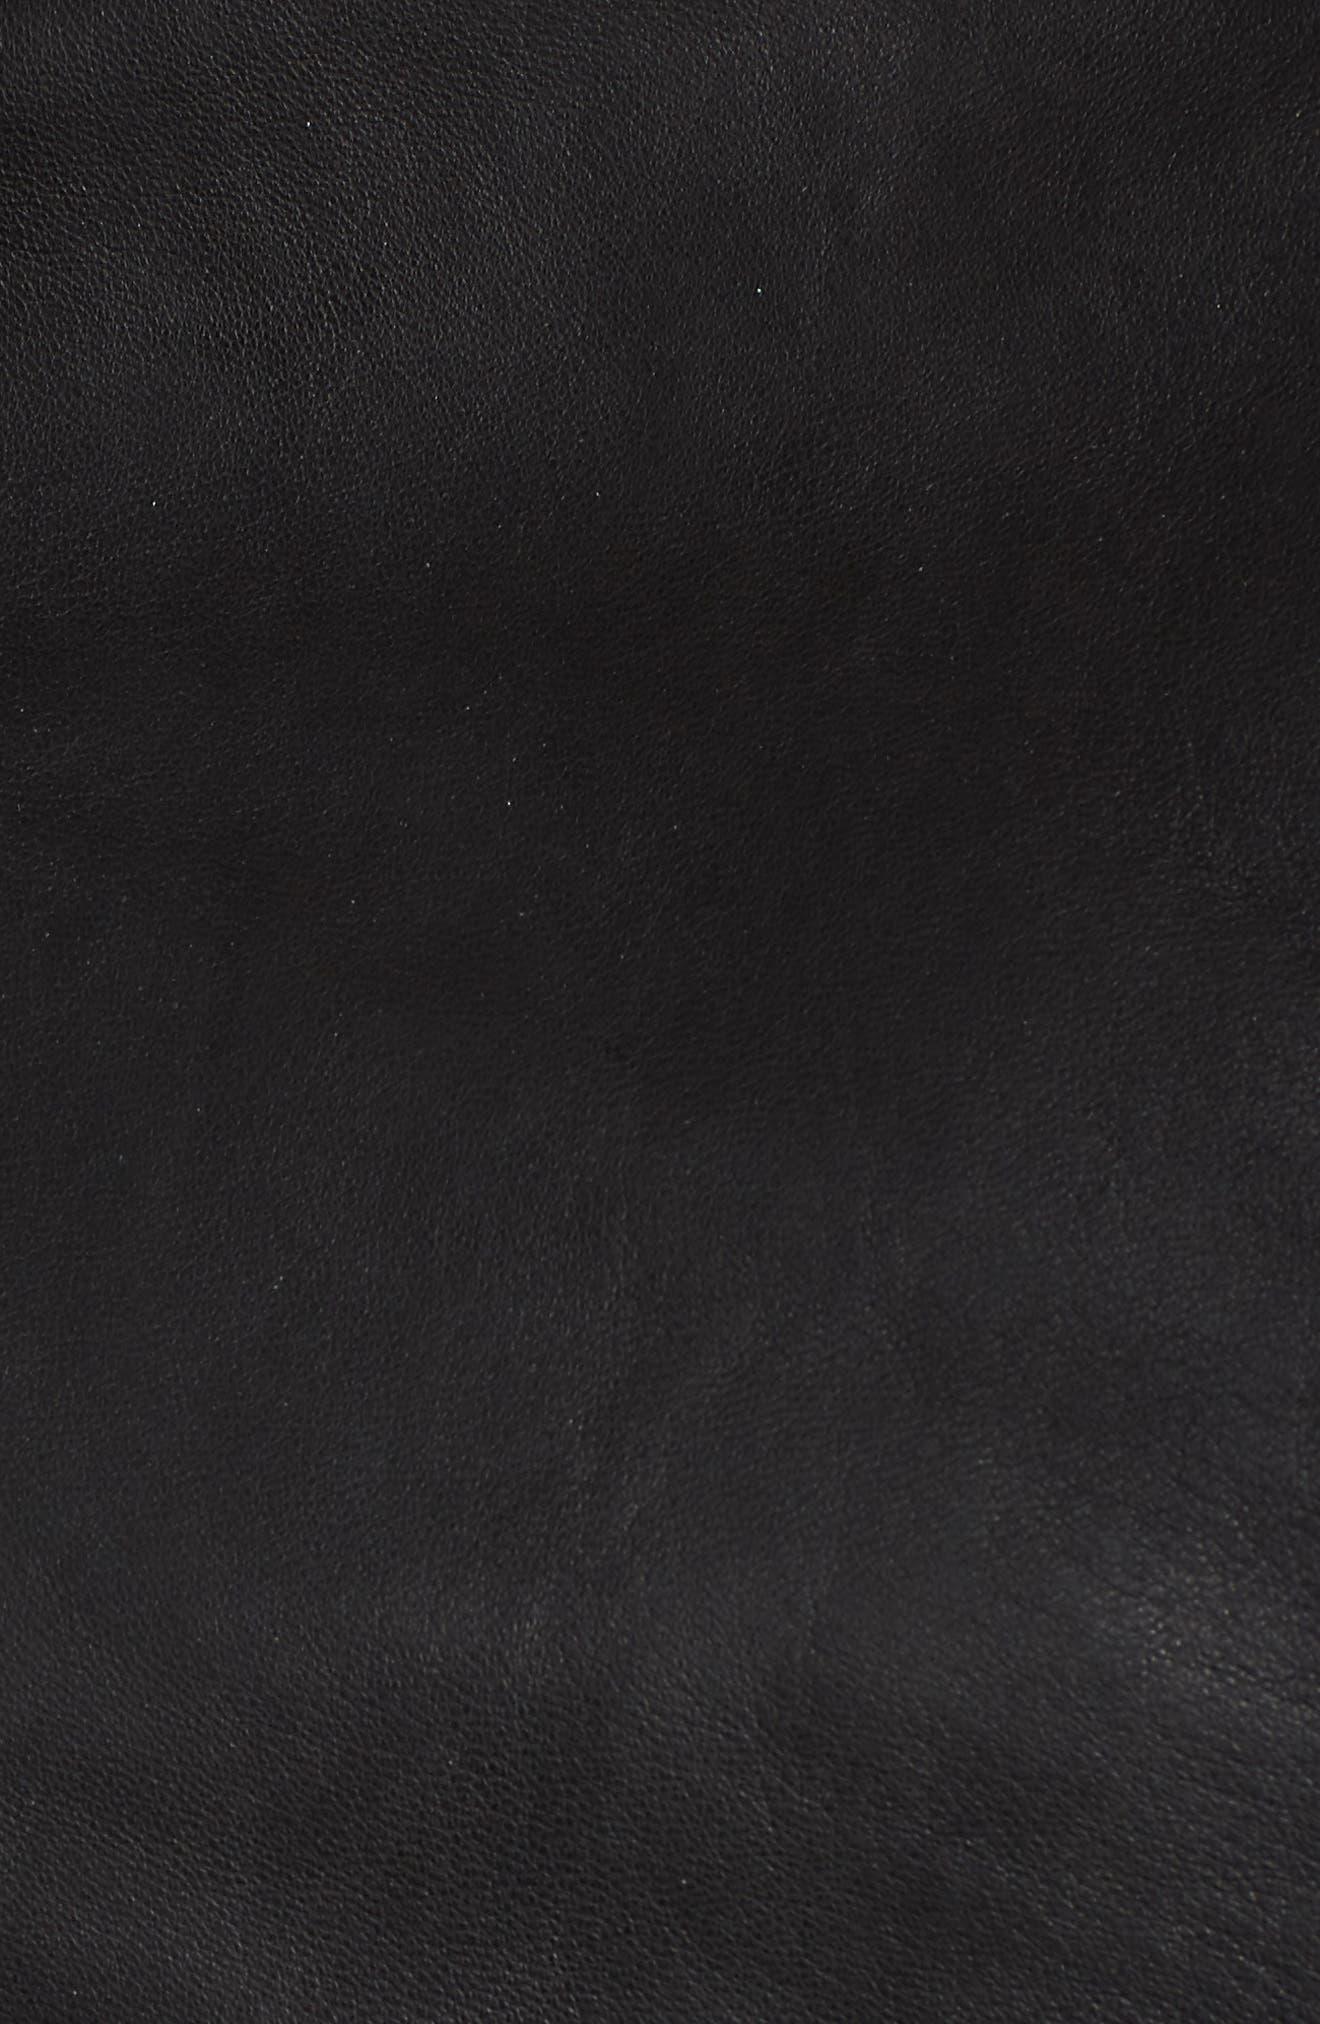 Lizia Leather Biker Jacket,                             Alternate thumbnail 7, color,                             001